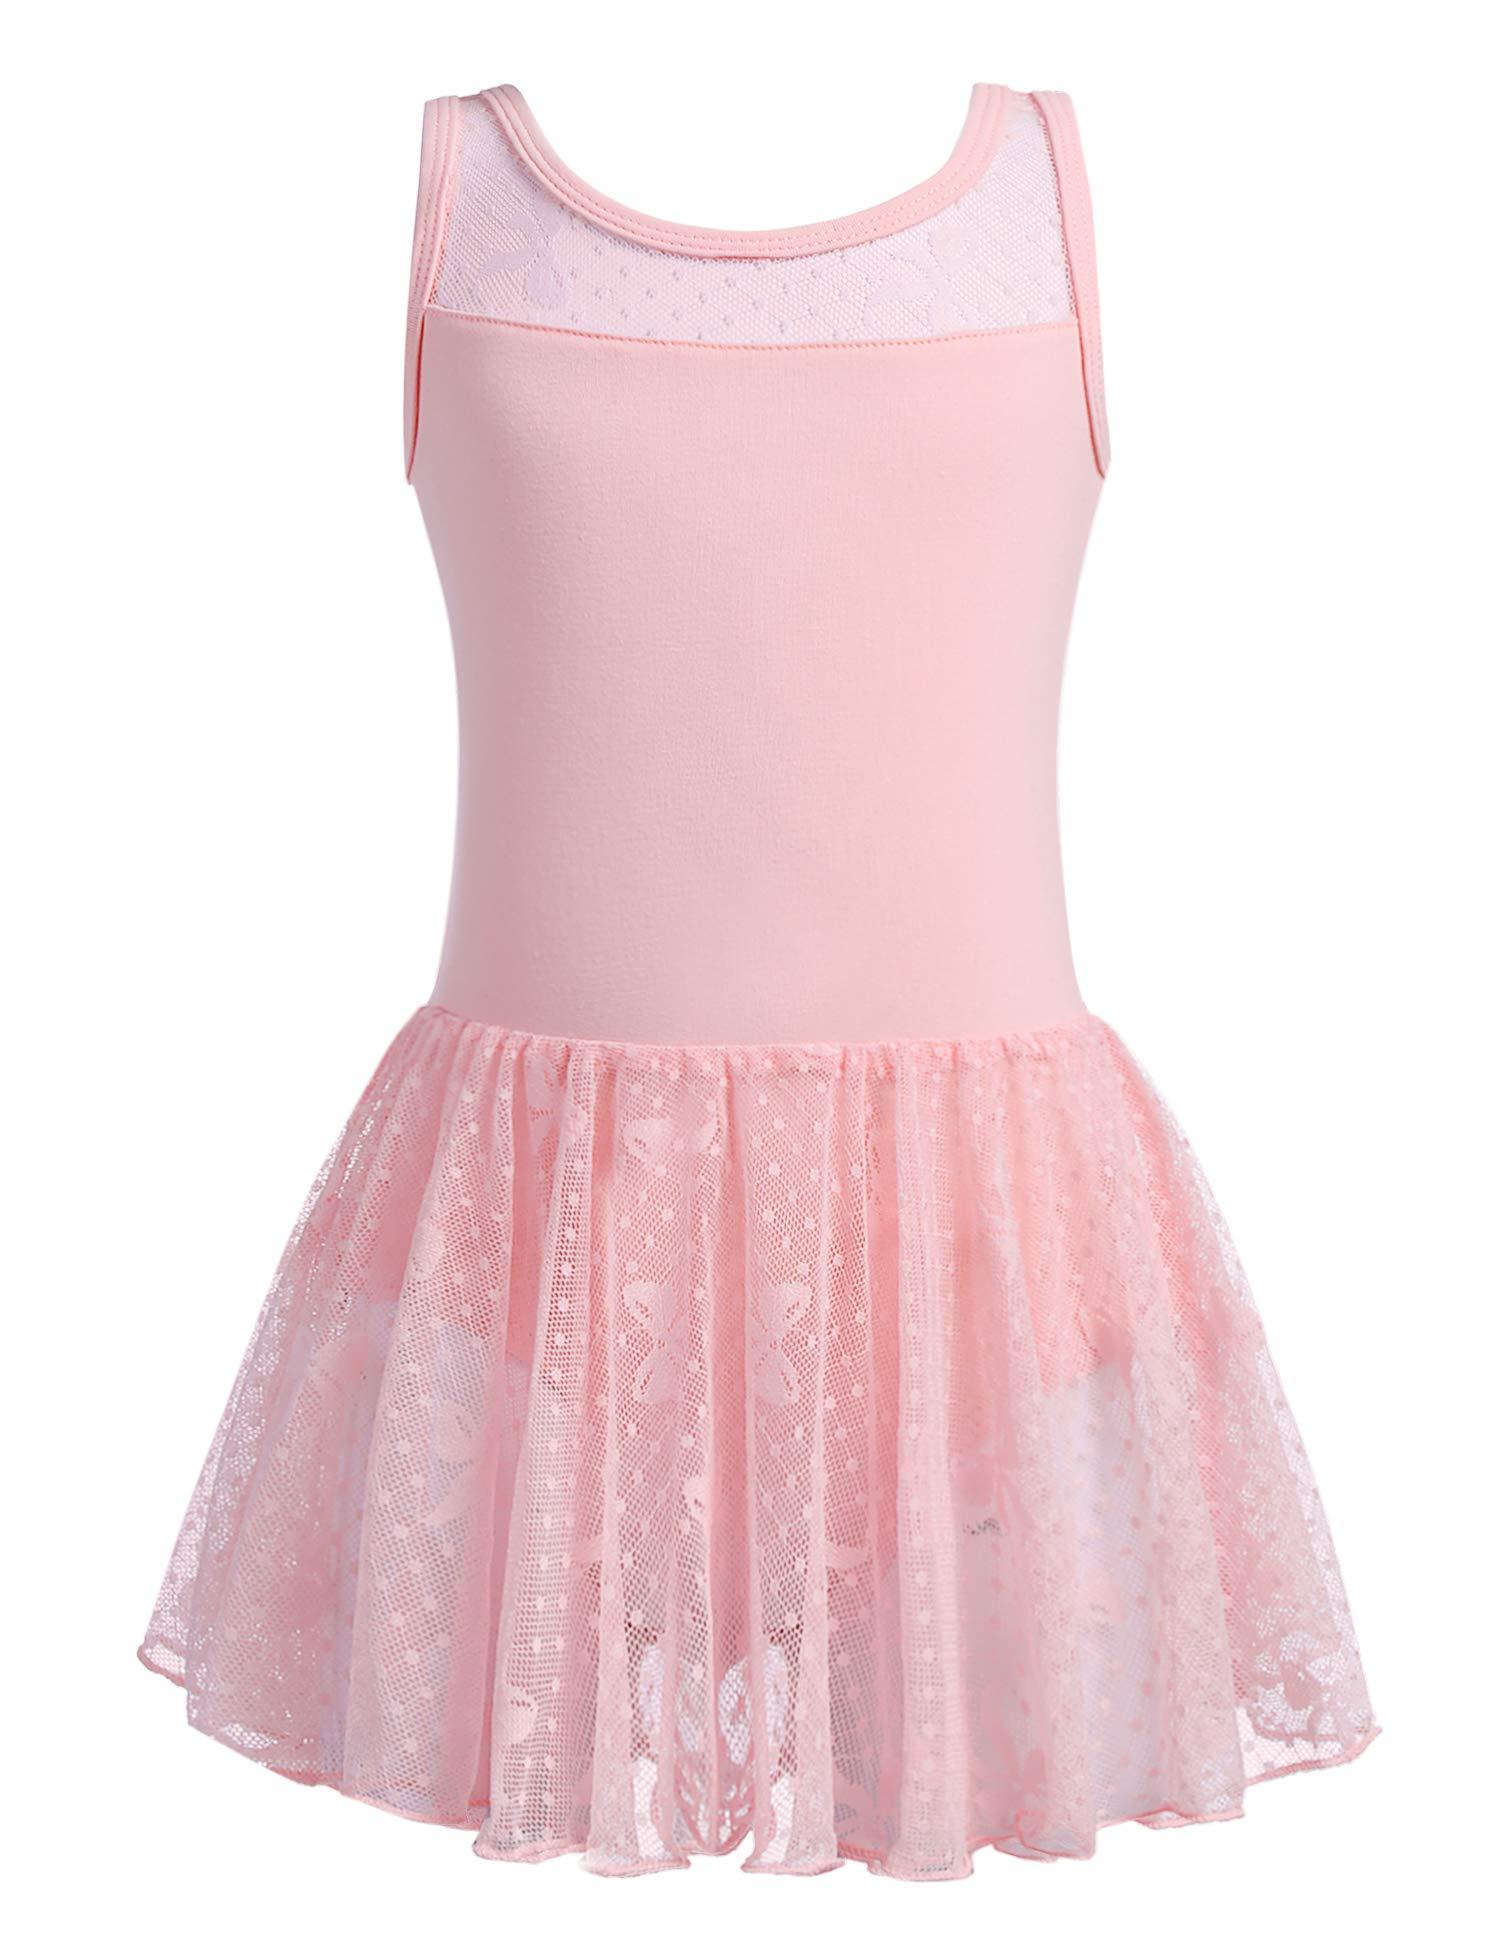 Zaclotre Girls Ballet Leotards for Toddlers Skirted Dance Ballerina Dress